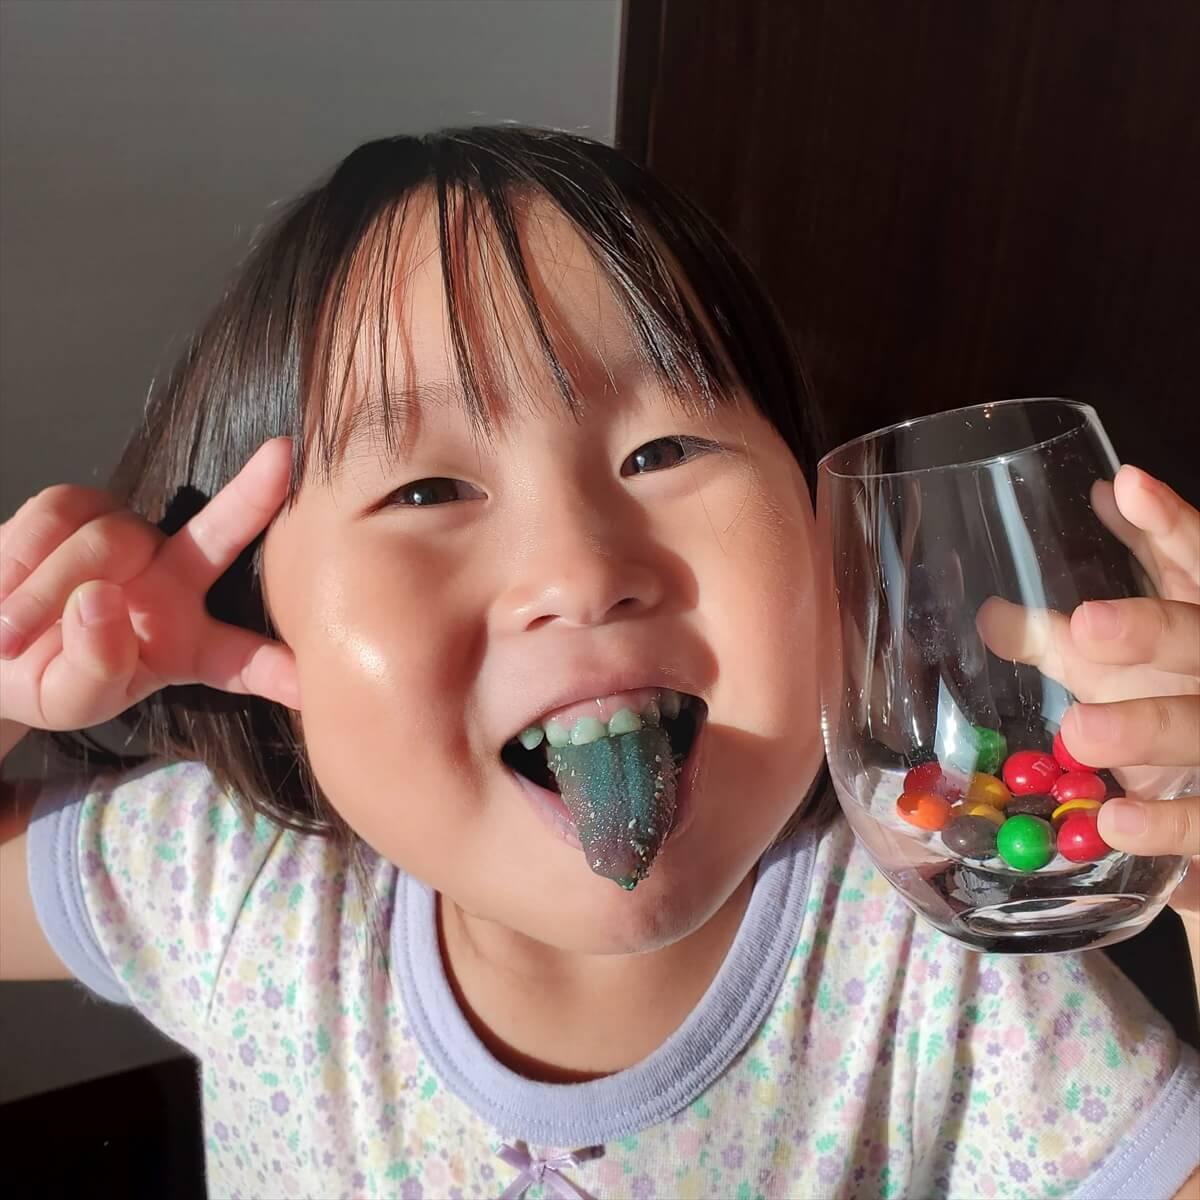 ウェスティンホテル仙台のデラックスルームの冷蔵庫に入っていたM&Msのチョコレートを食べて舌が真っ青になった娘